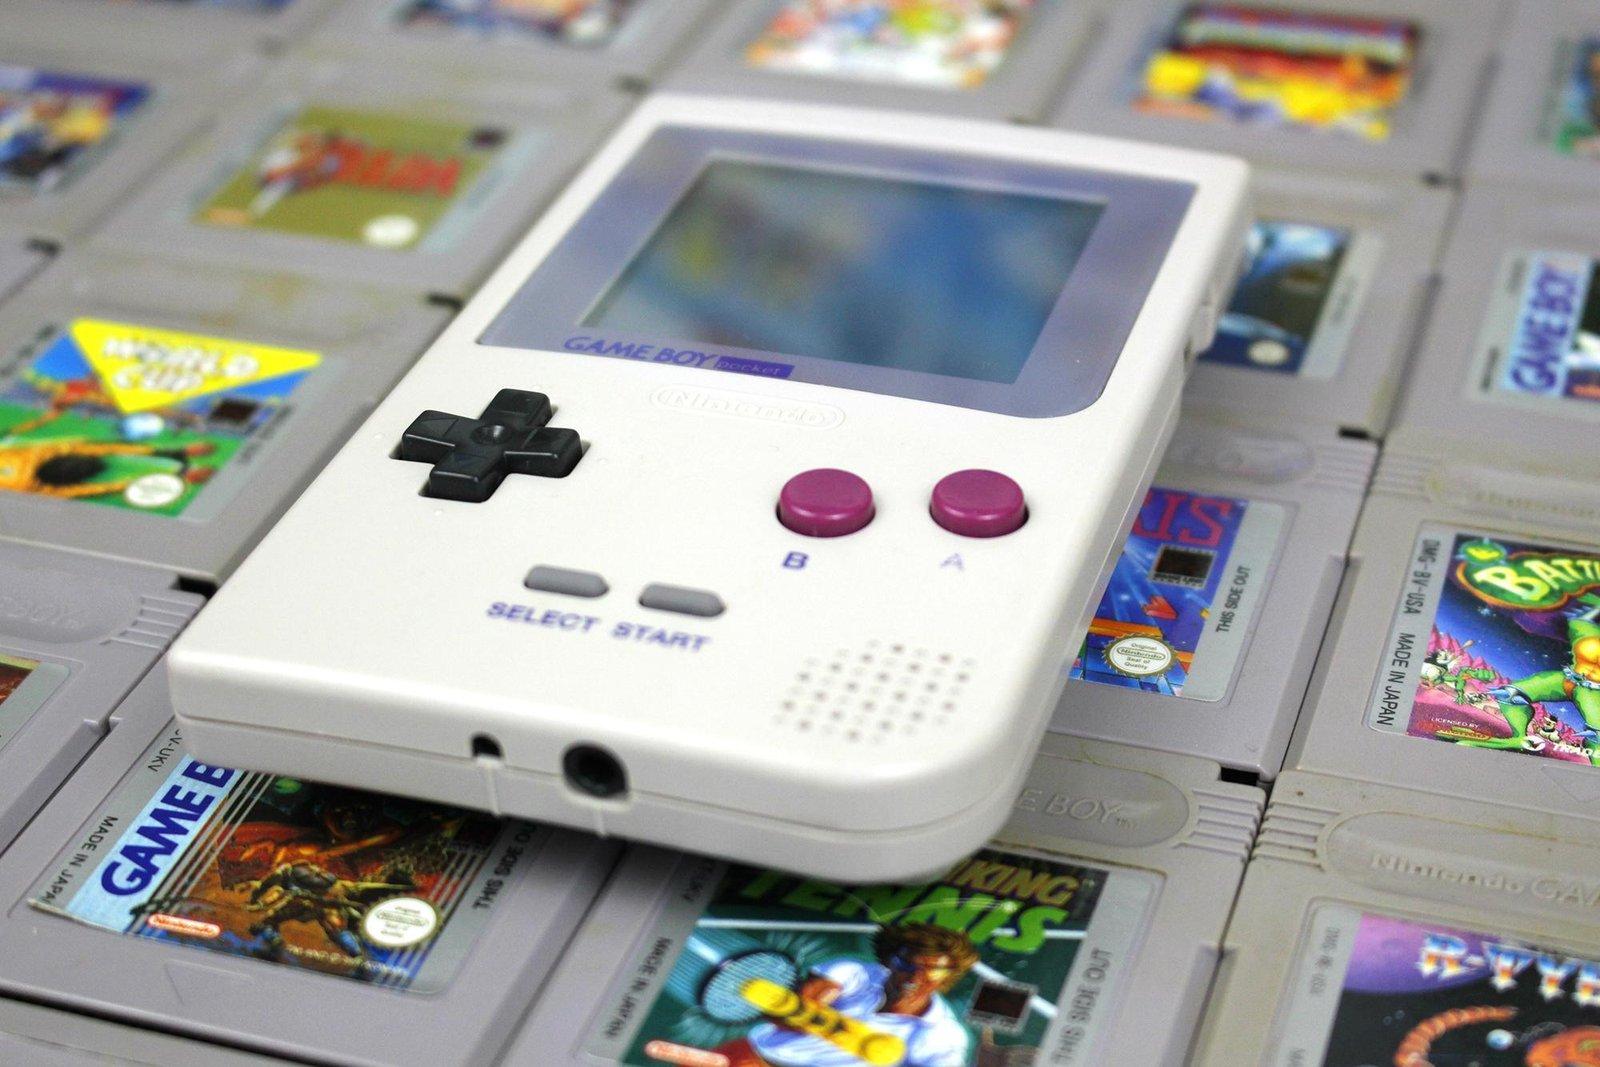 Портативной игровой консоли Nintendo Game Boy исполнилось 30 лет - 1